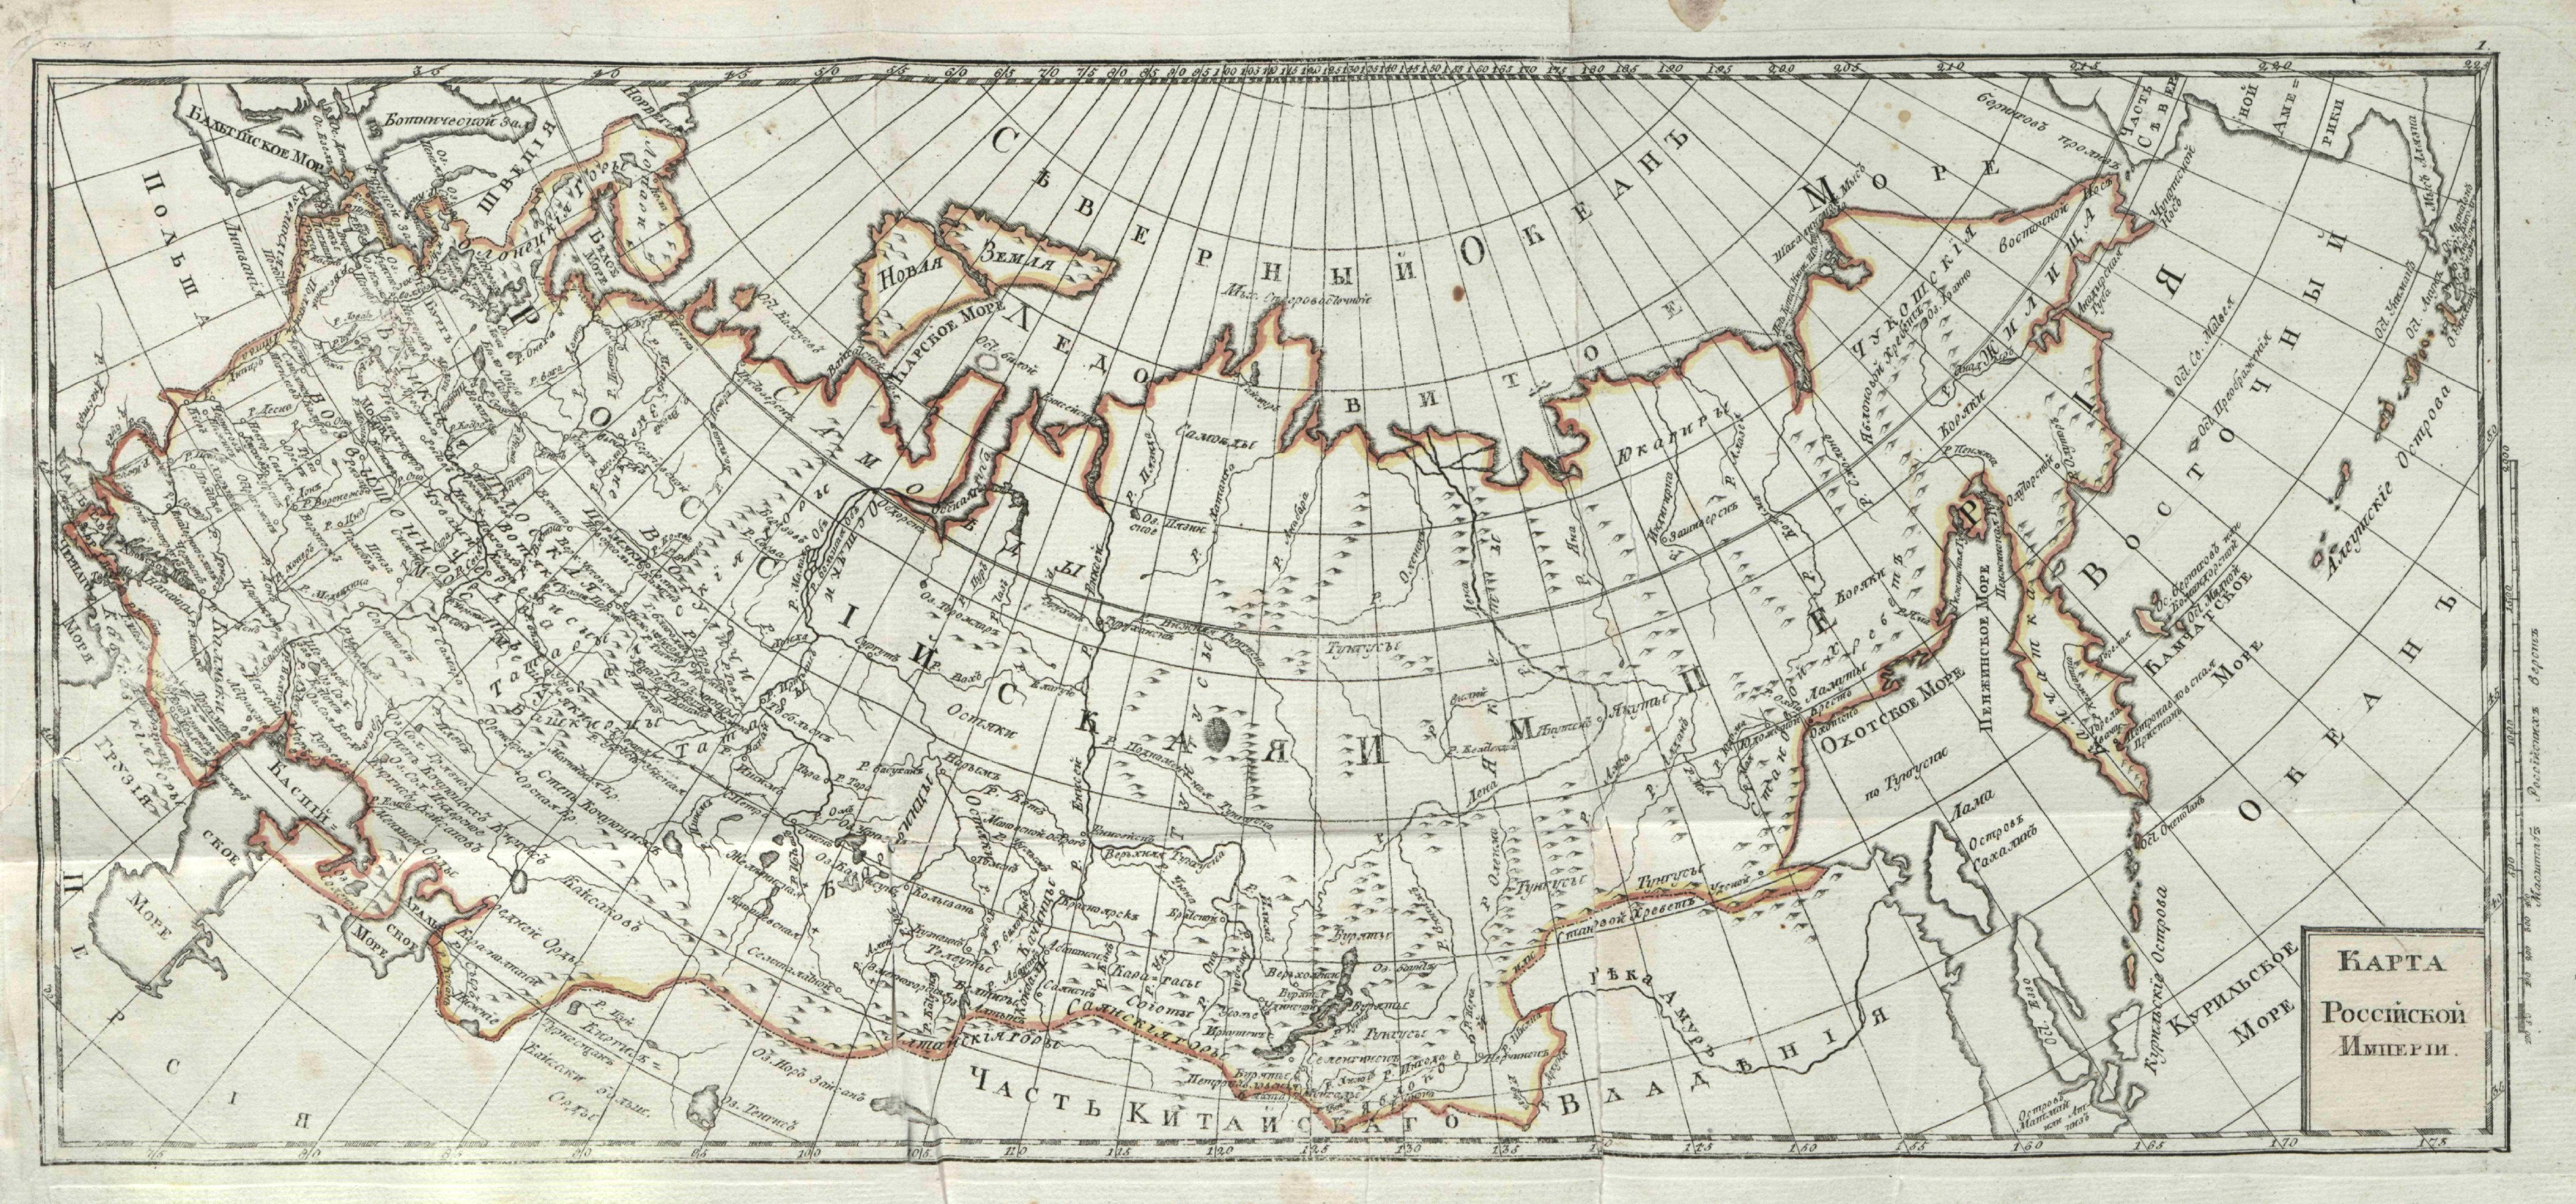 Карта России. XIX век